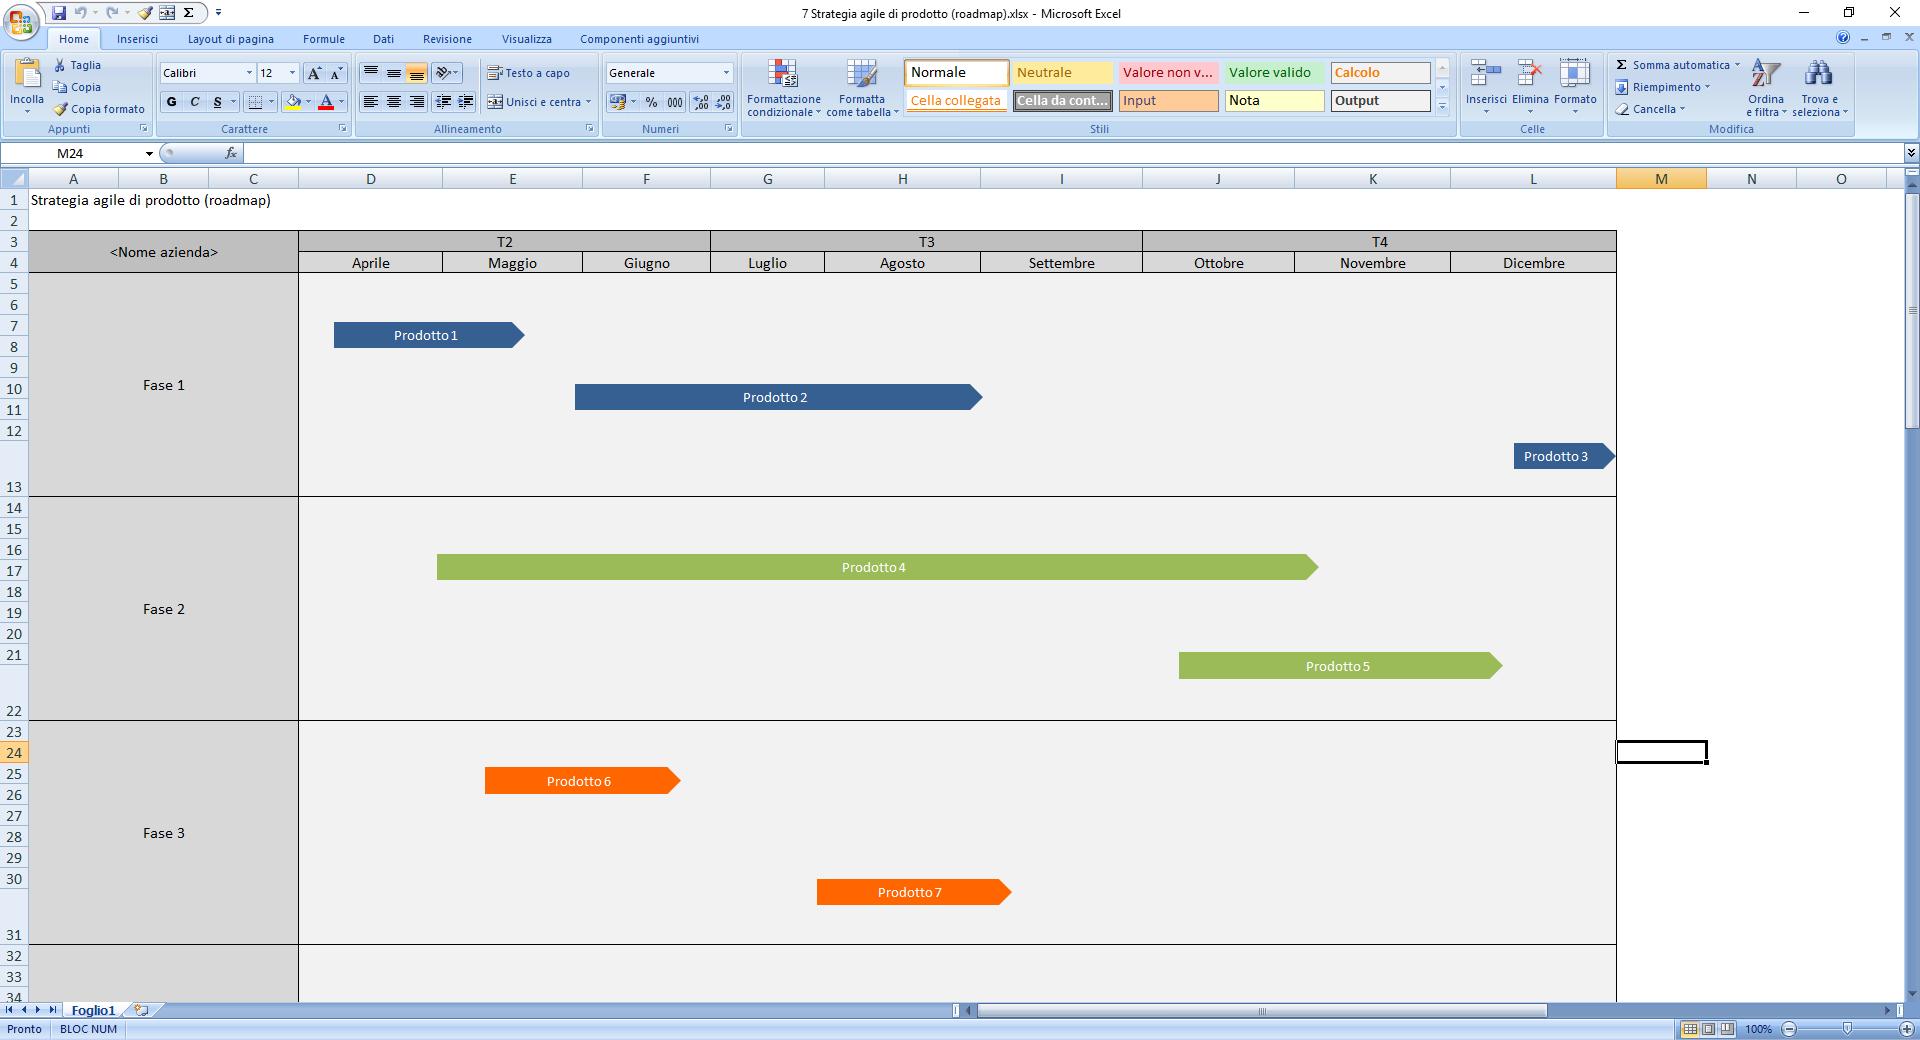 Strategia agile di prodotto (roadmap) - Agile Project Management Excel